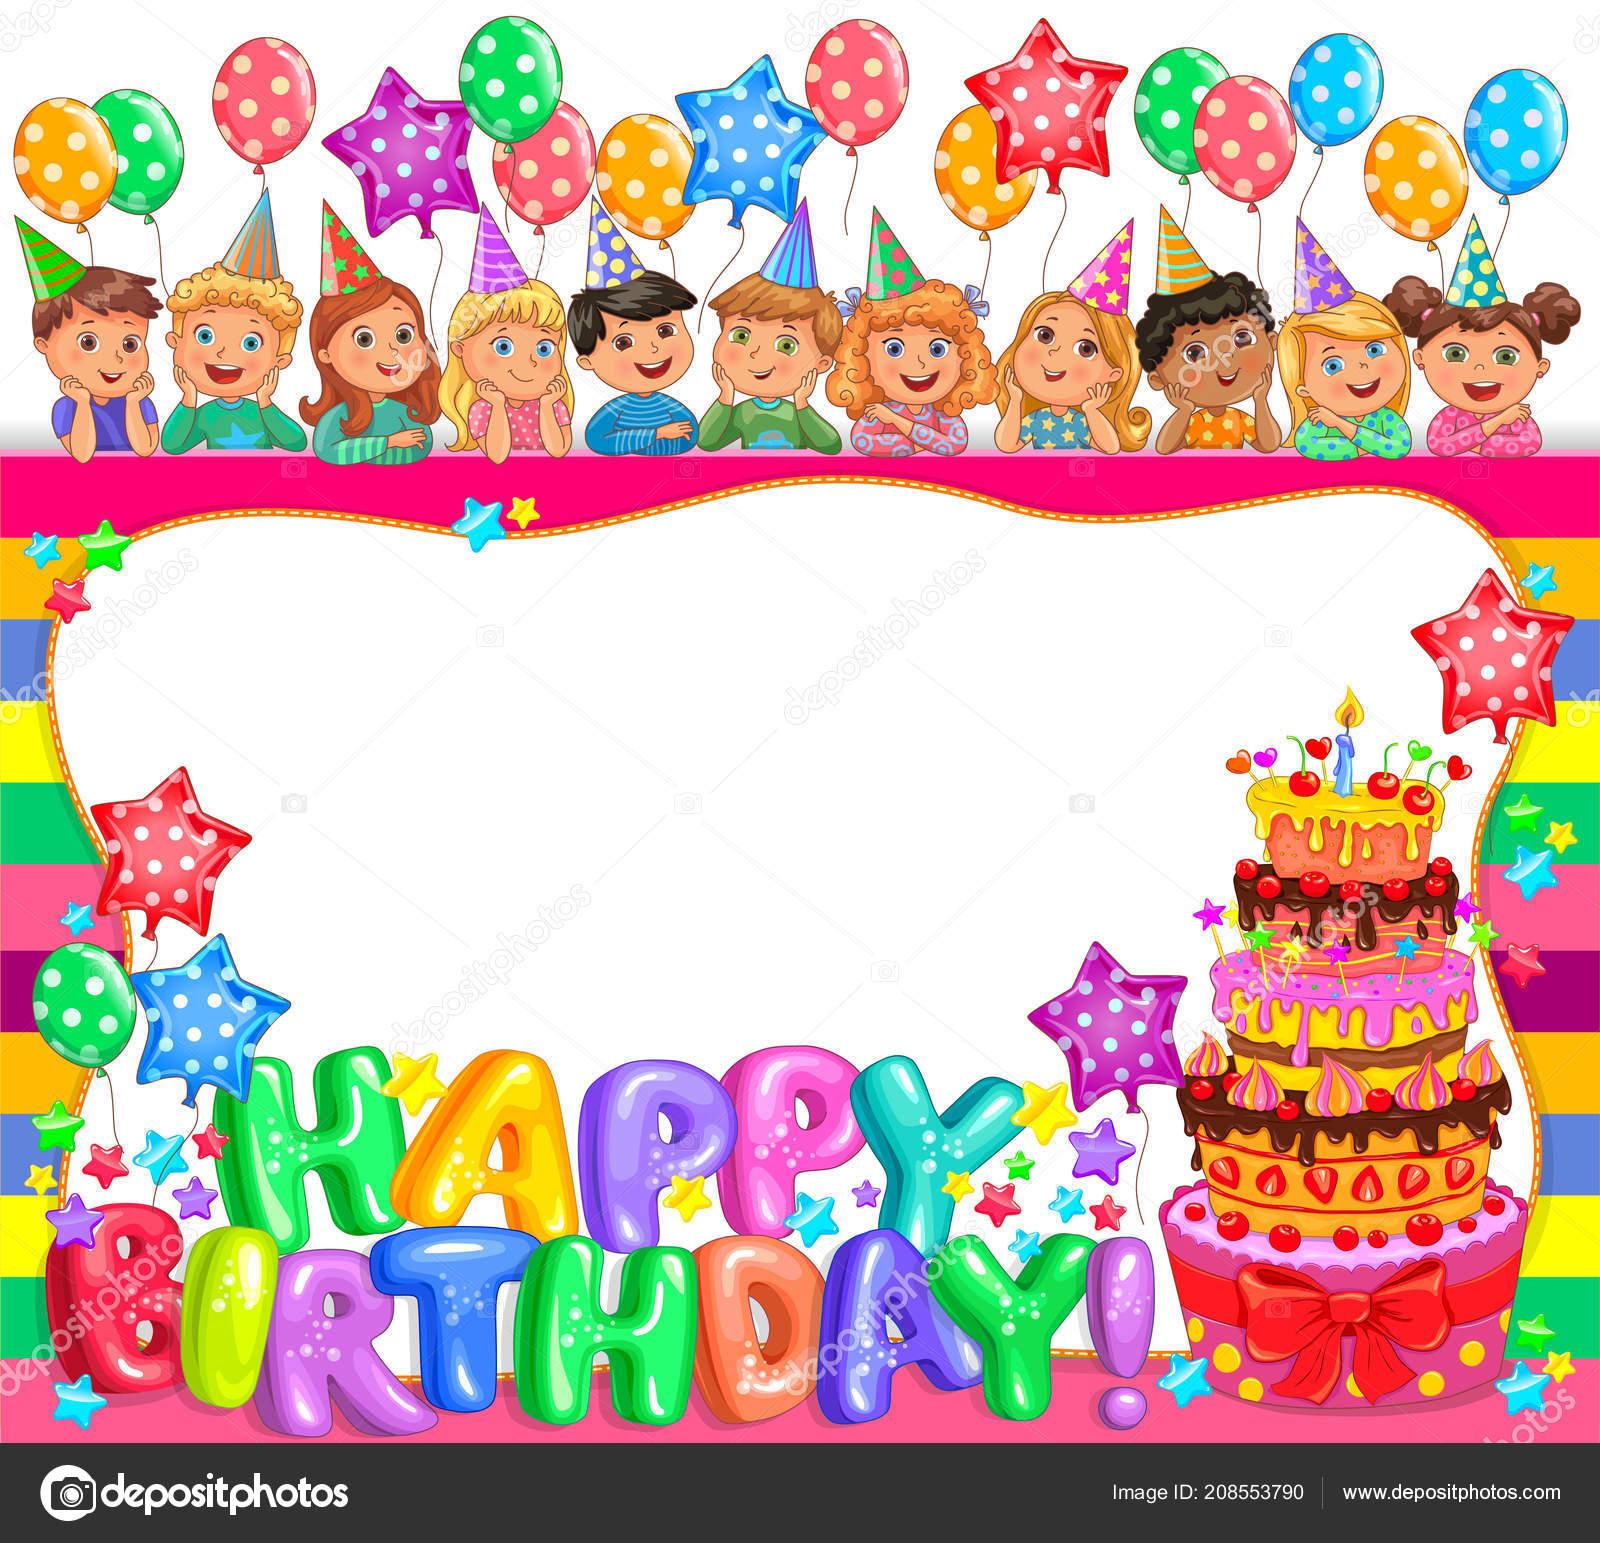 Geburtstag Cool Rahmen Mit Kuchen Und Niedlichen Kinder